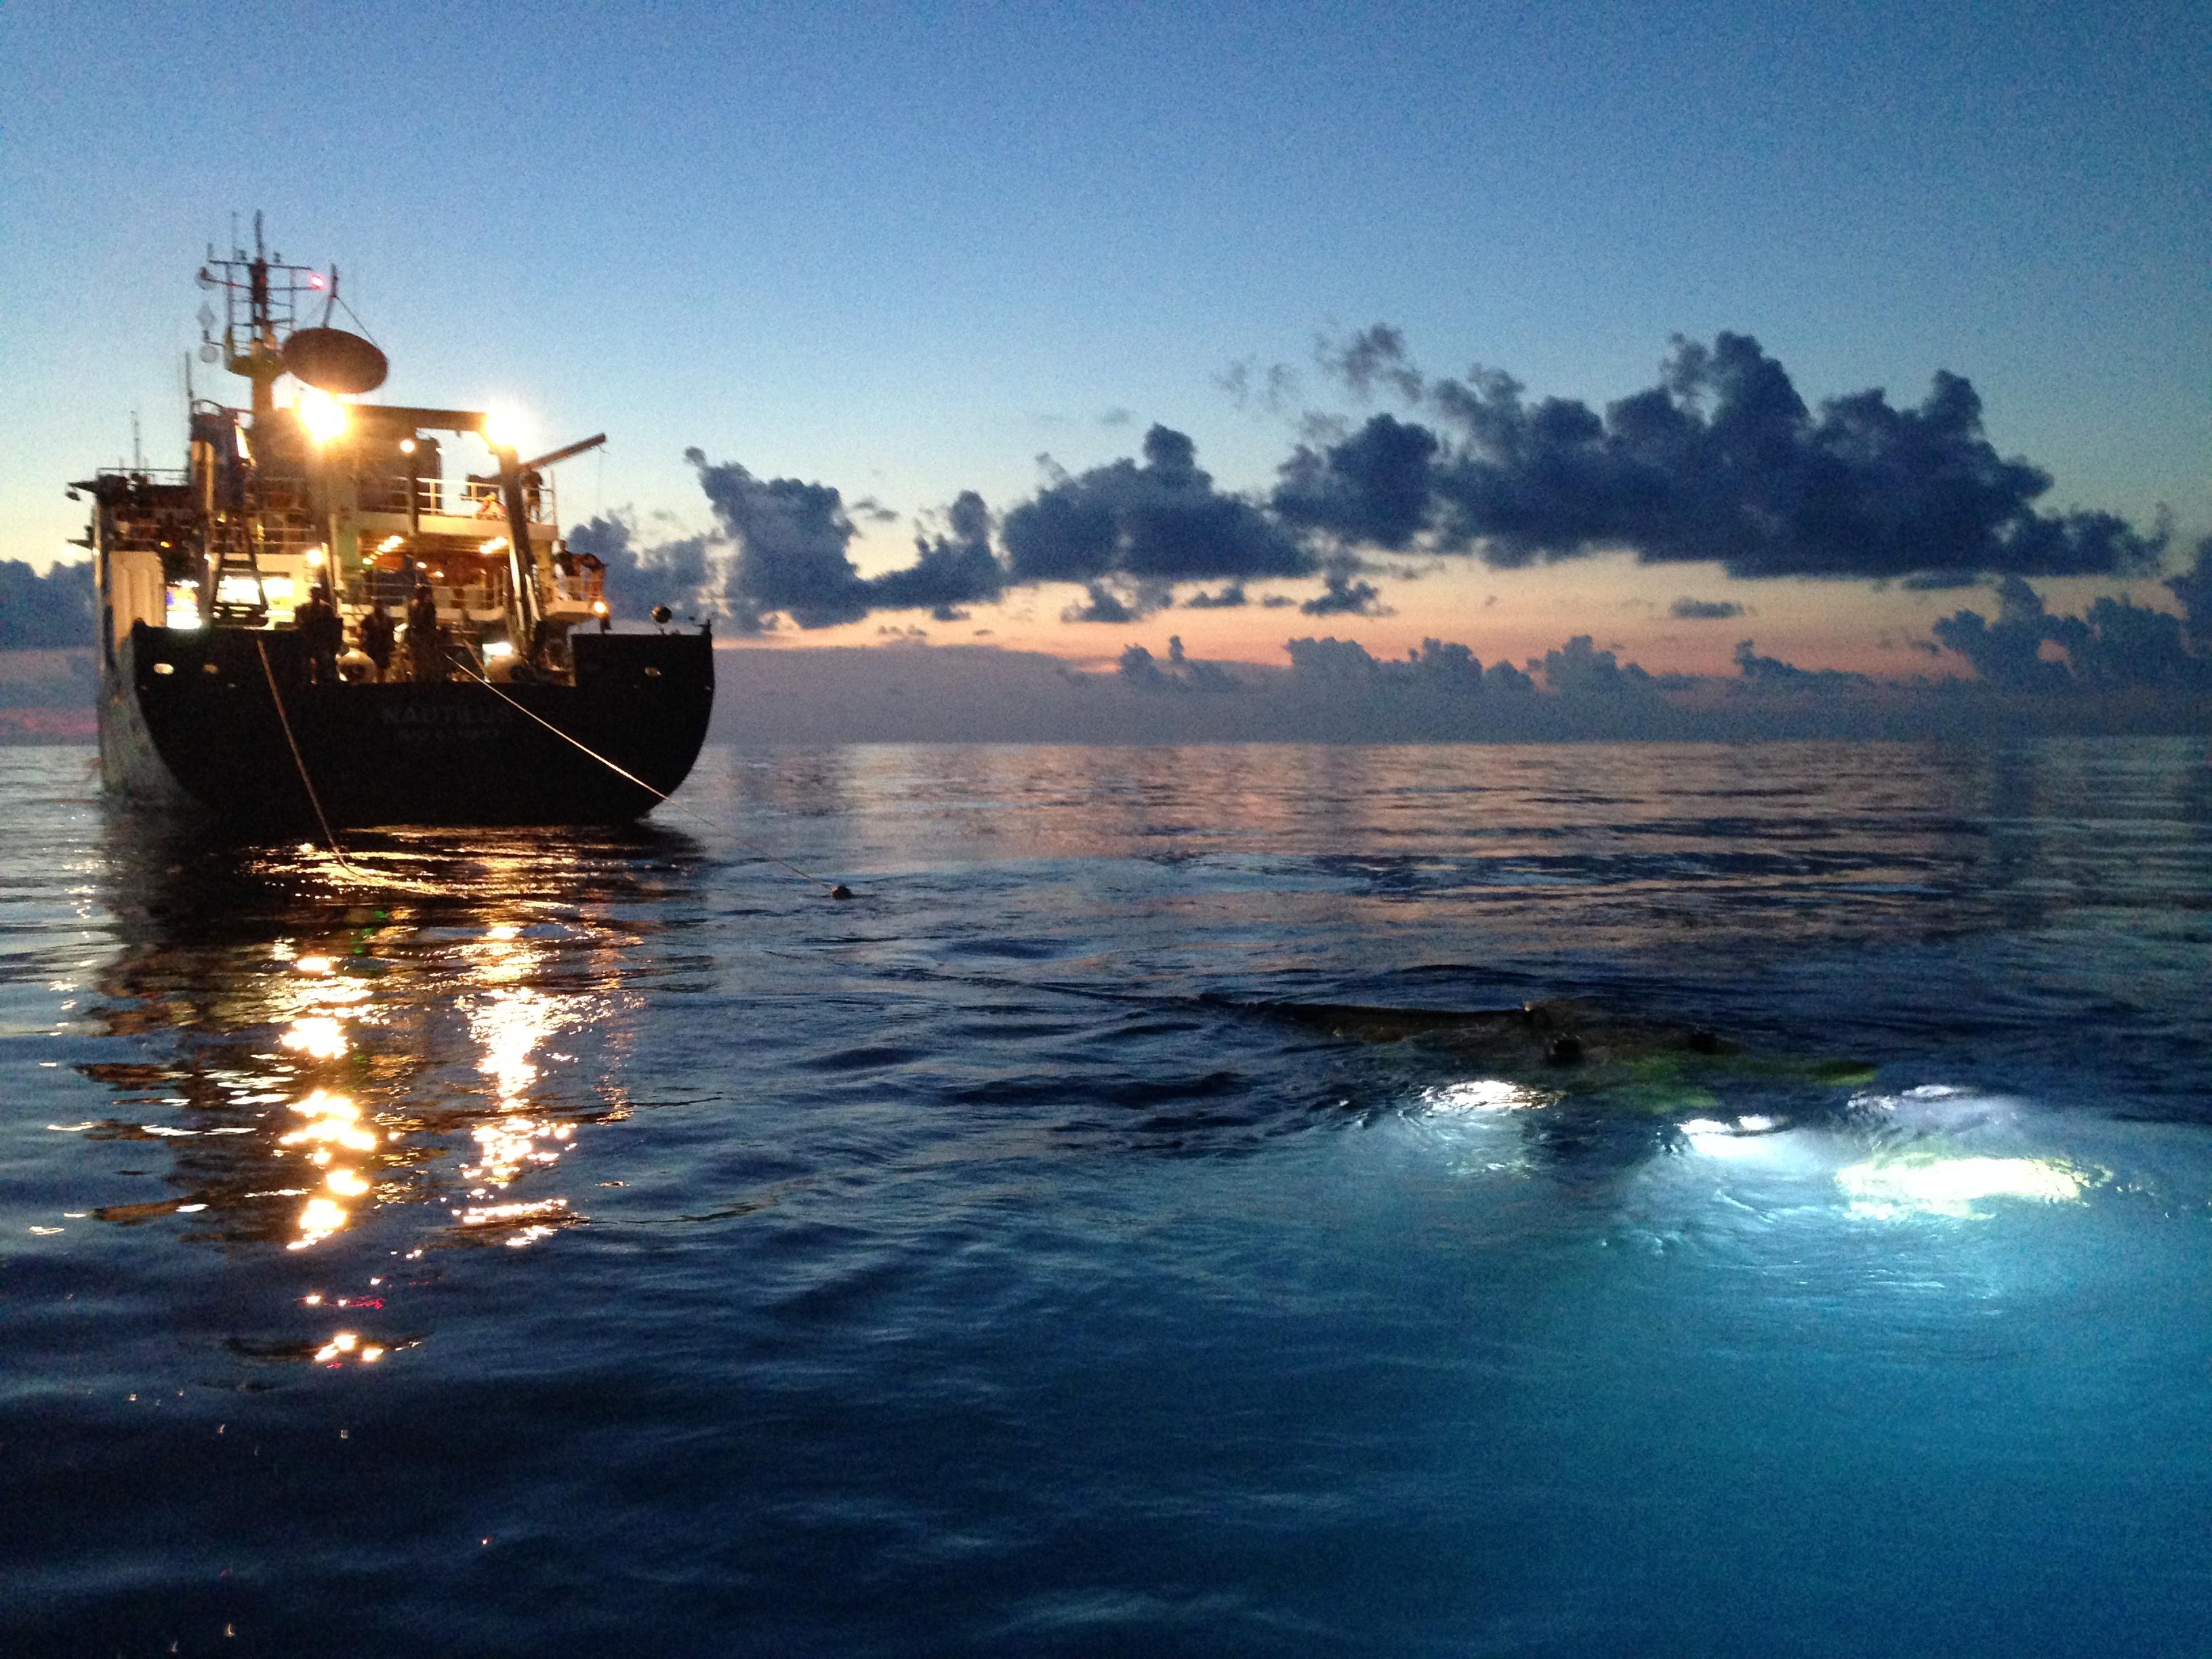 Nautilus recovering Hercules at dusk.